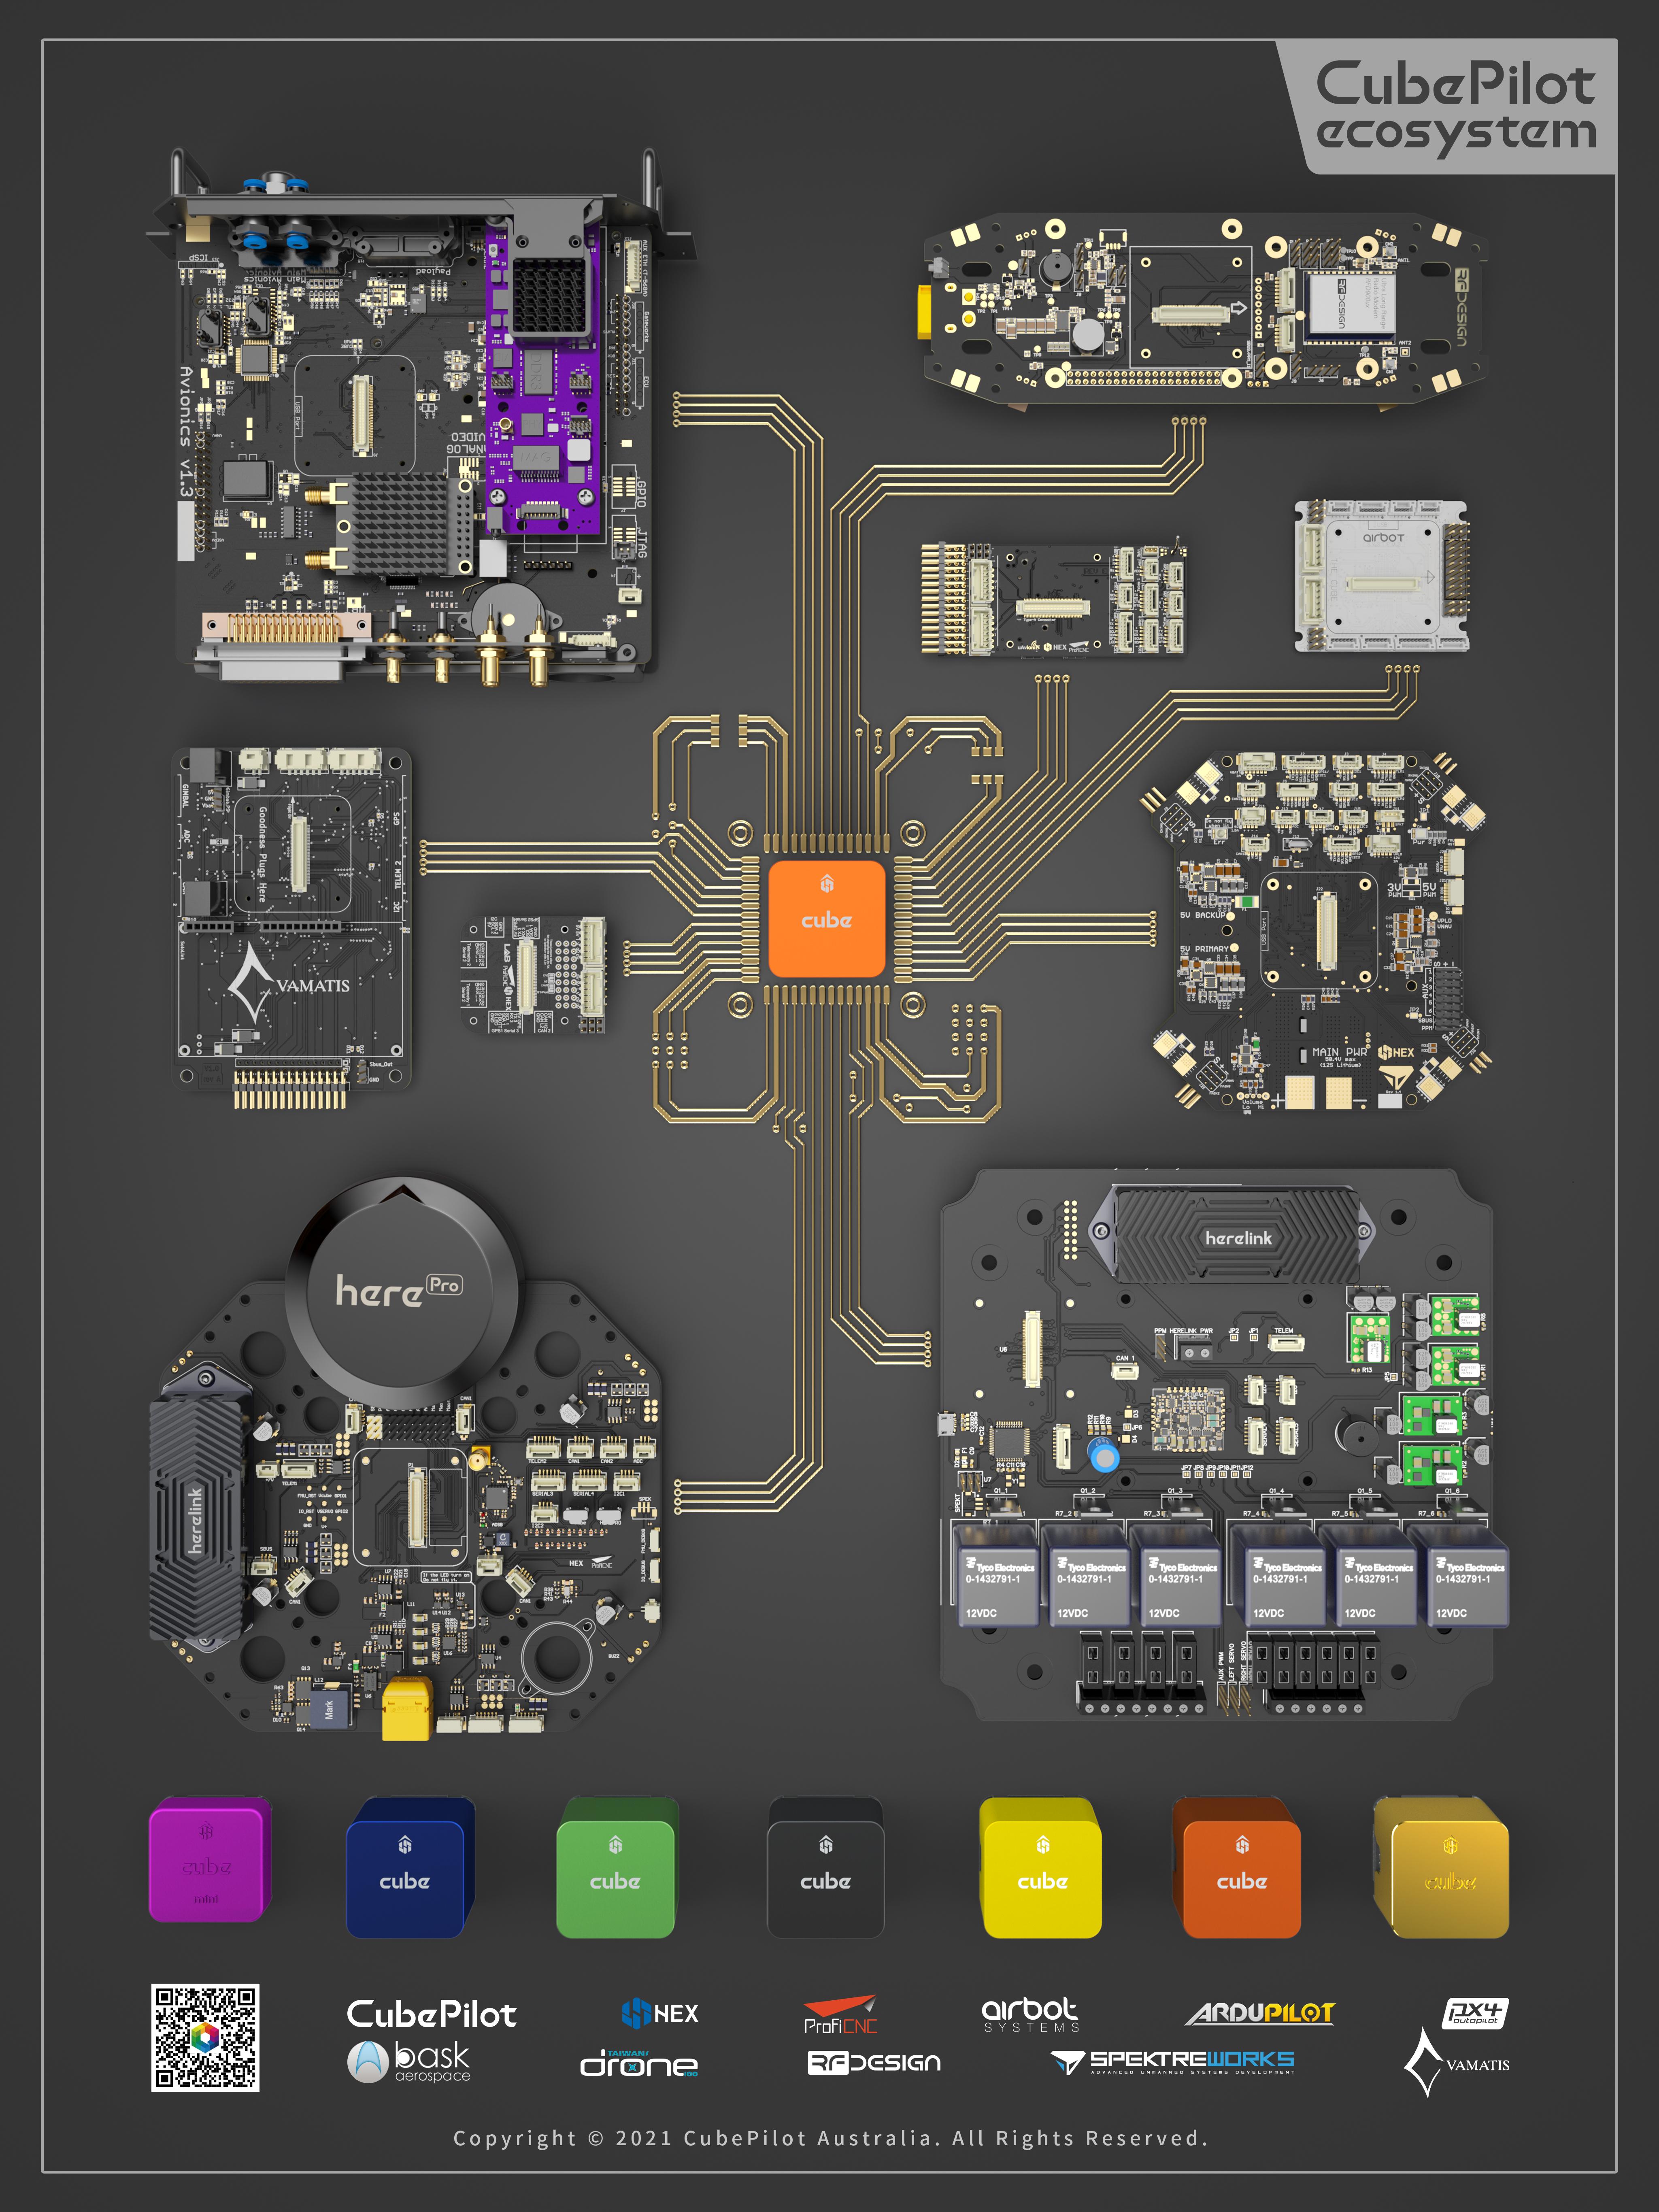 CubePilot-Ecosystem-OEM-Carrier-Board-Poster.jpg